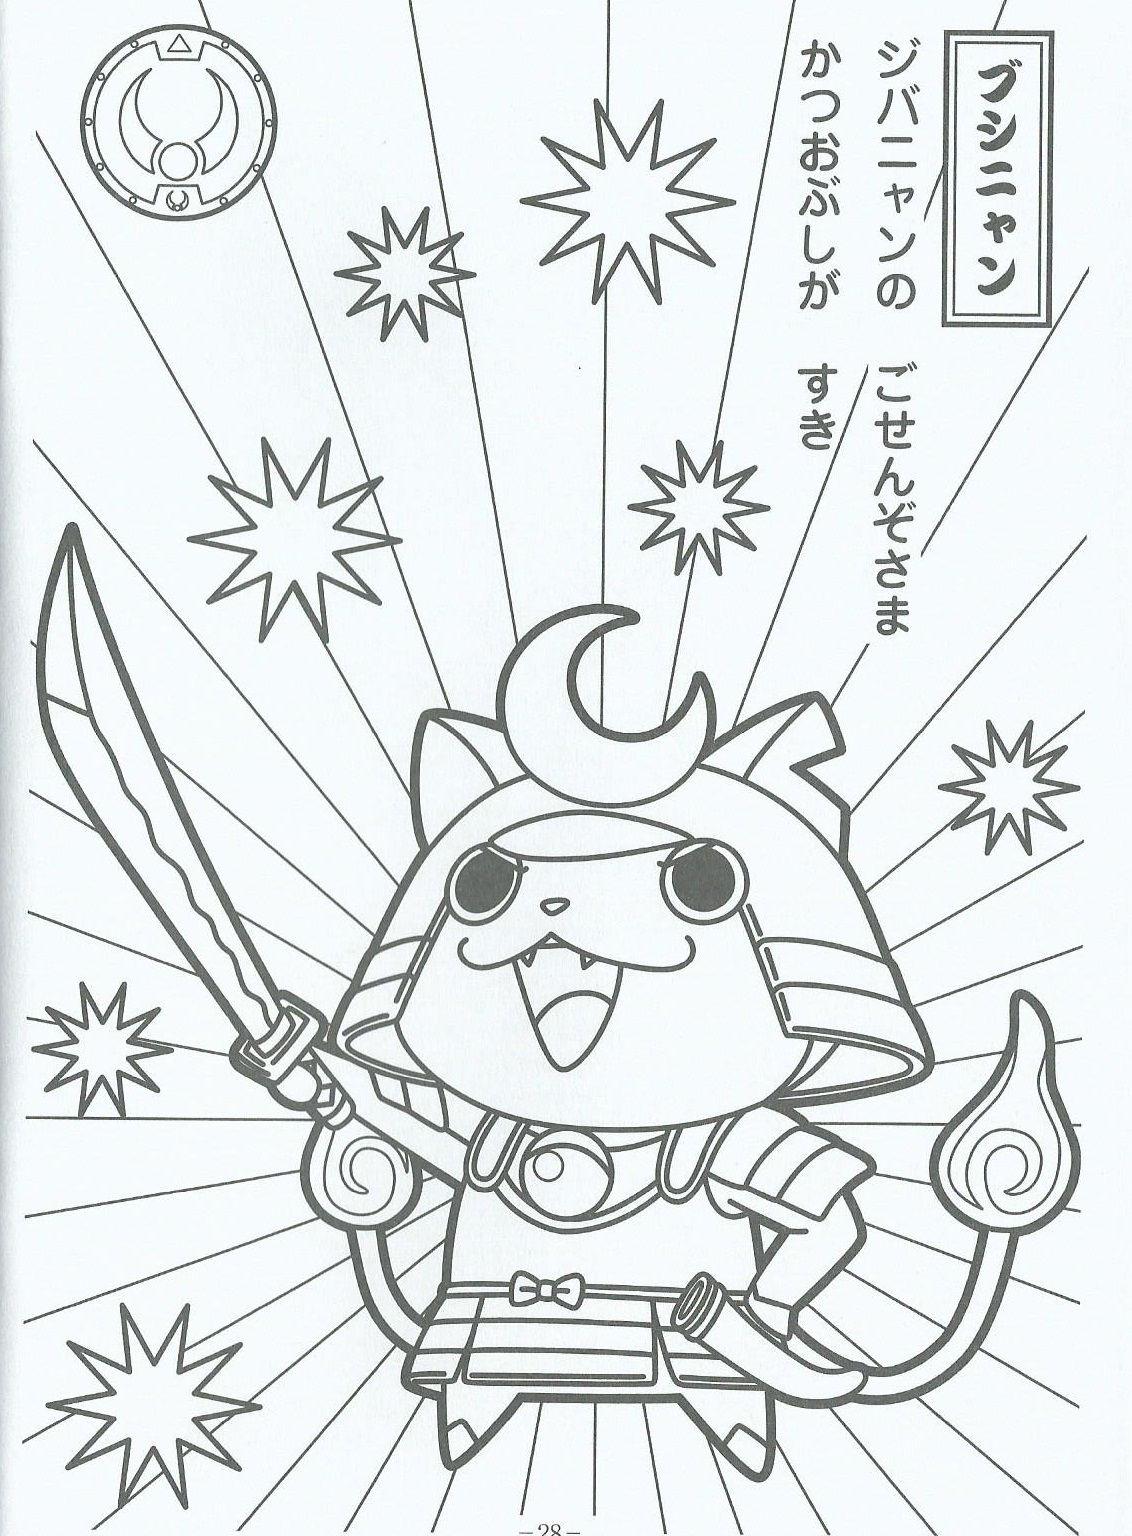 yo kai watch coloring pages - photo#2